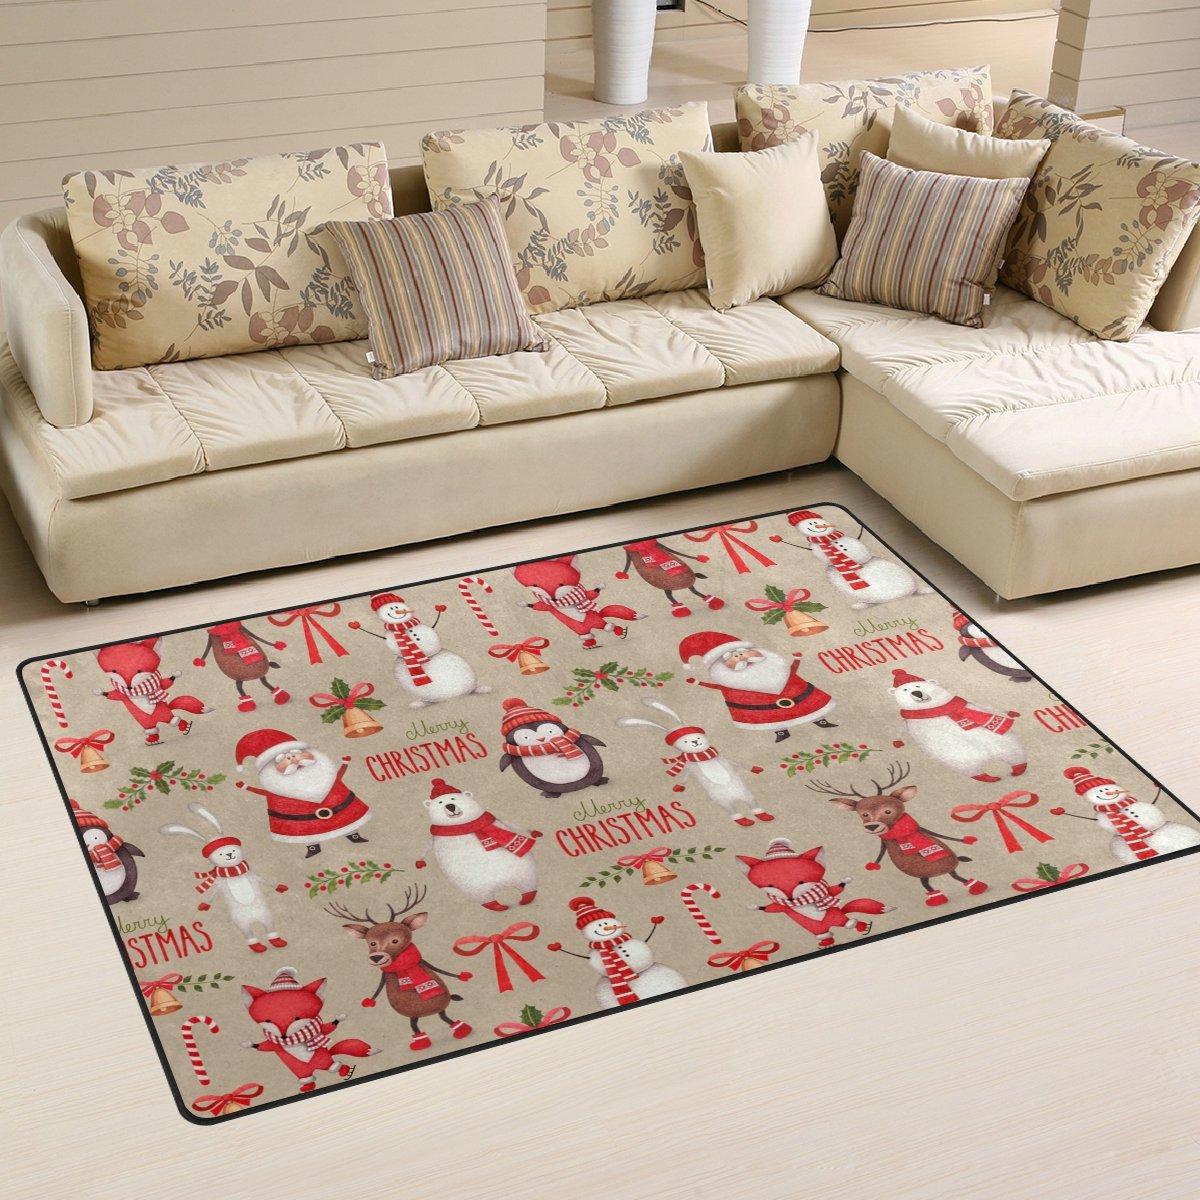 Un tappeto natalizio in soggiorno